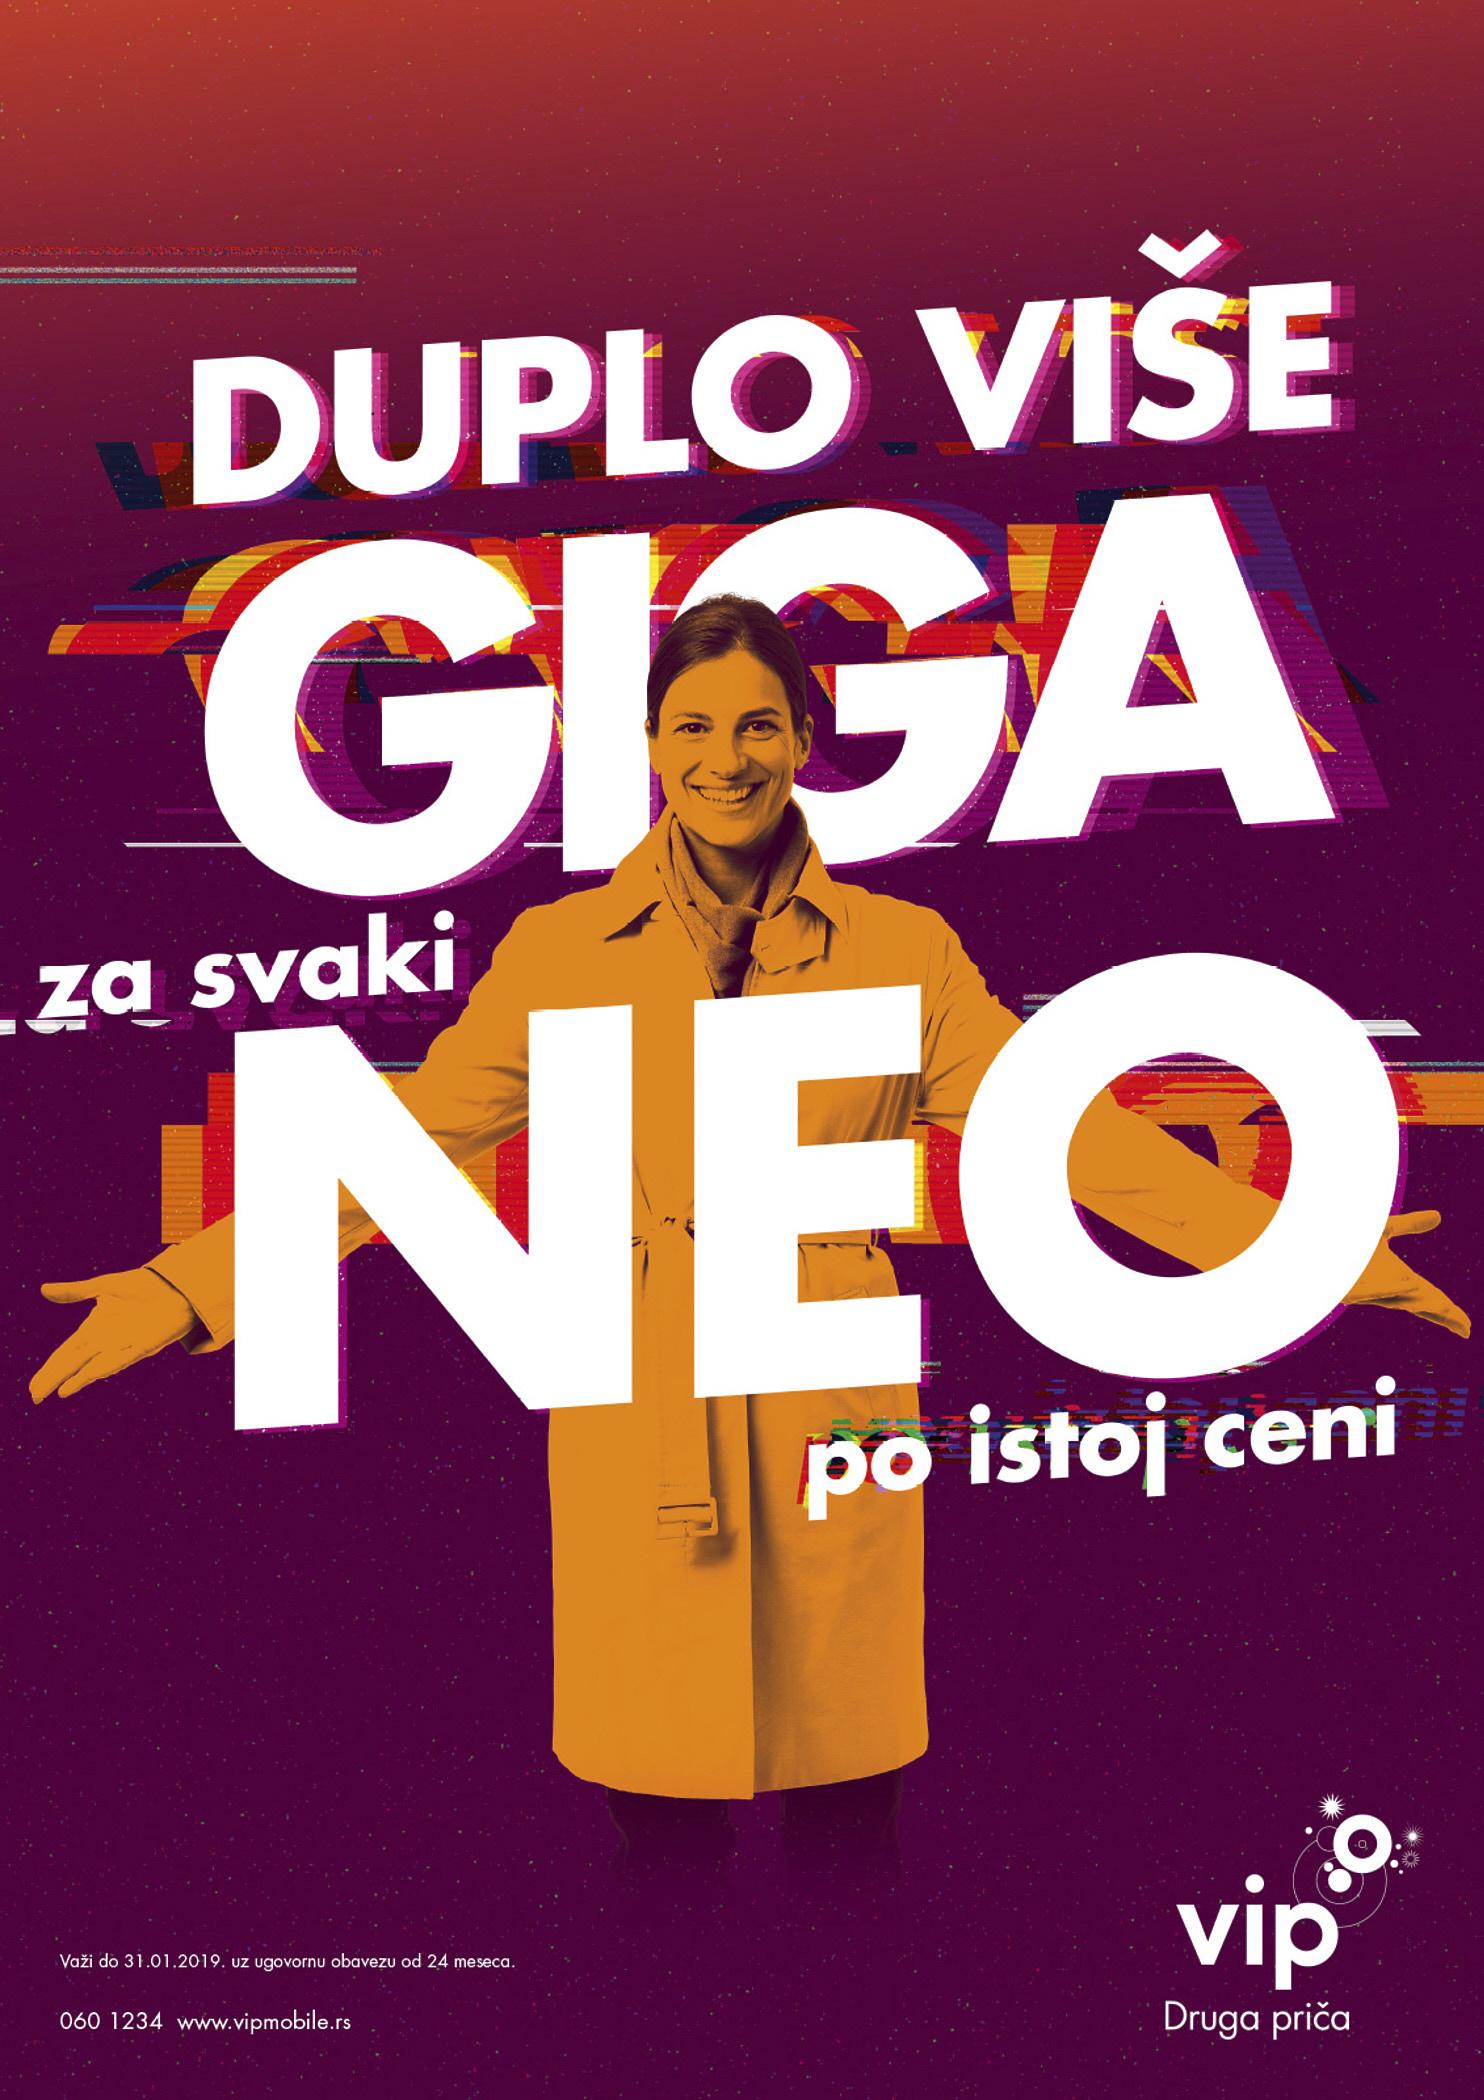 Giga_HUG_image PRODUCT_A4_f